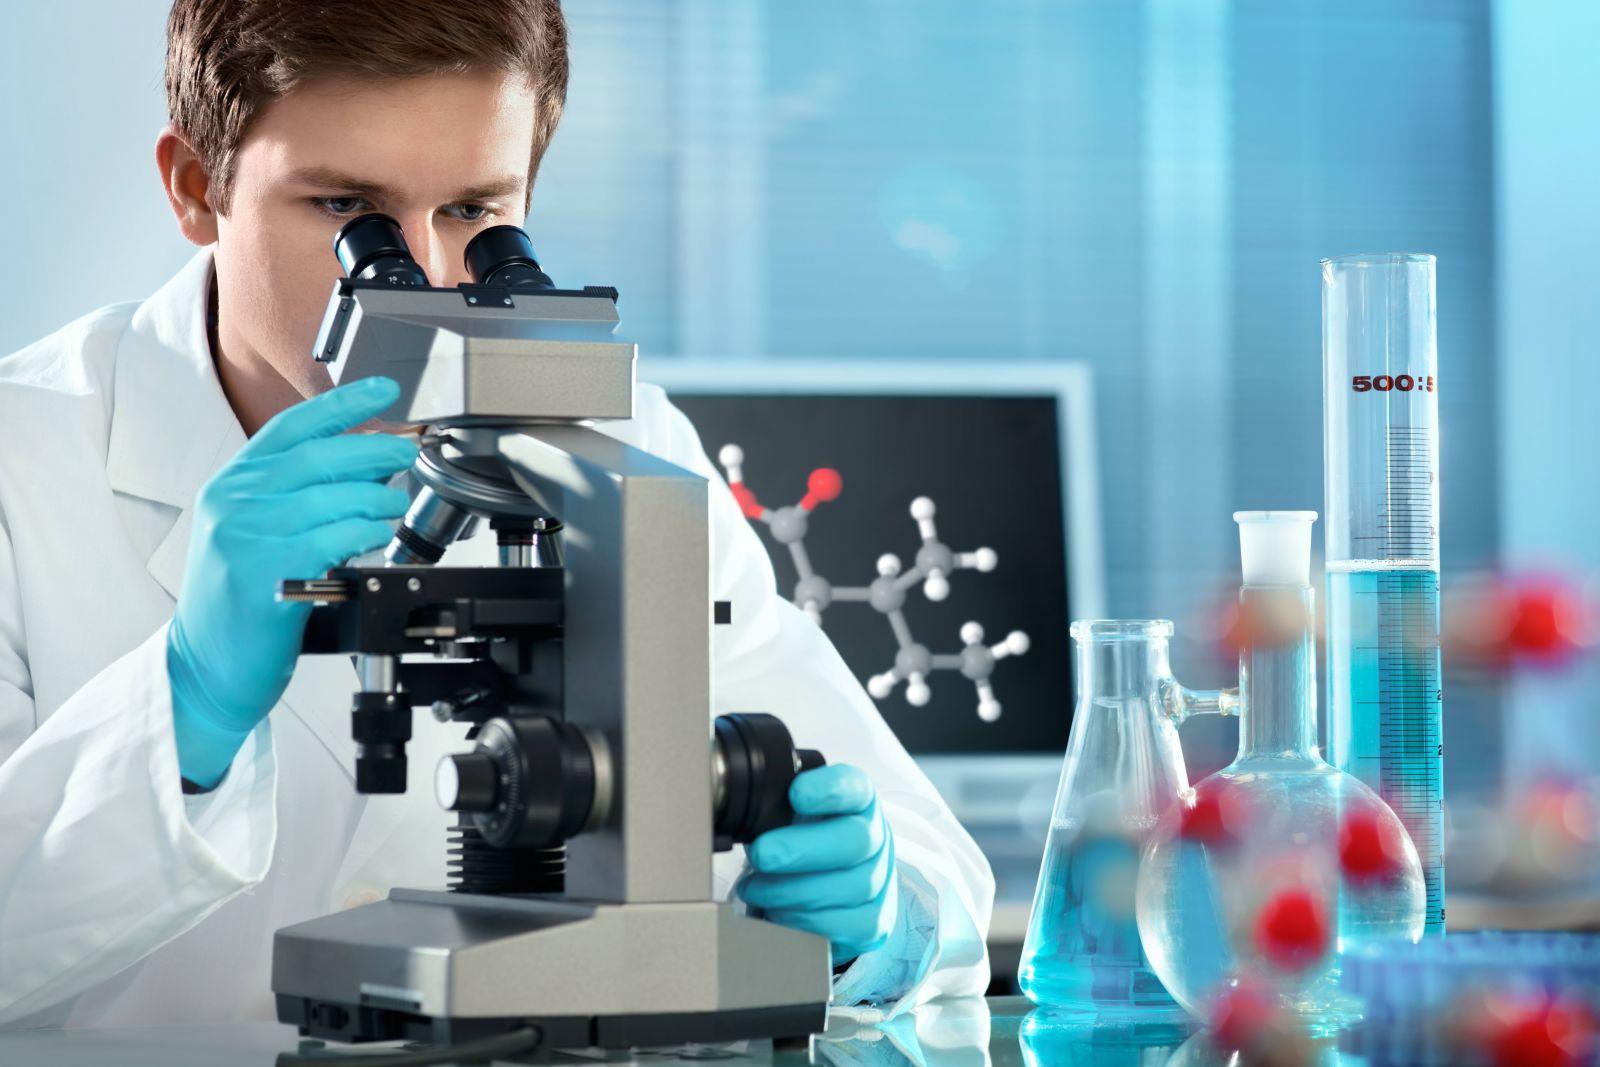 Виділення у чоловіків: норма або патологія?